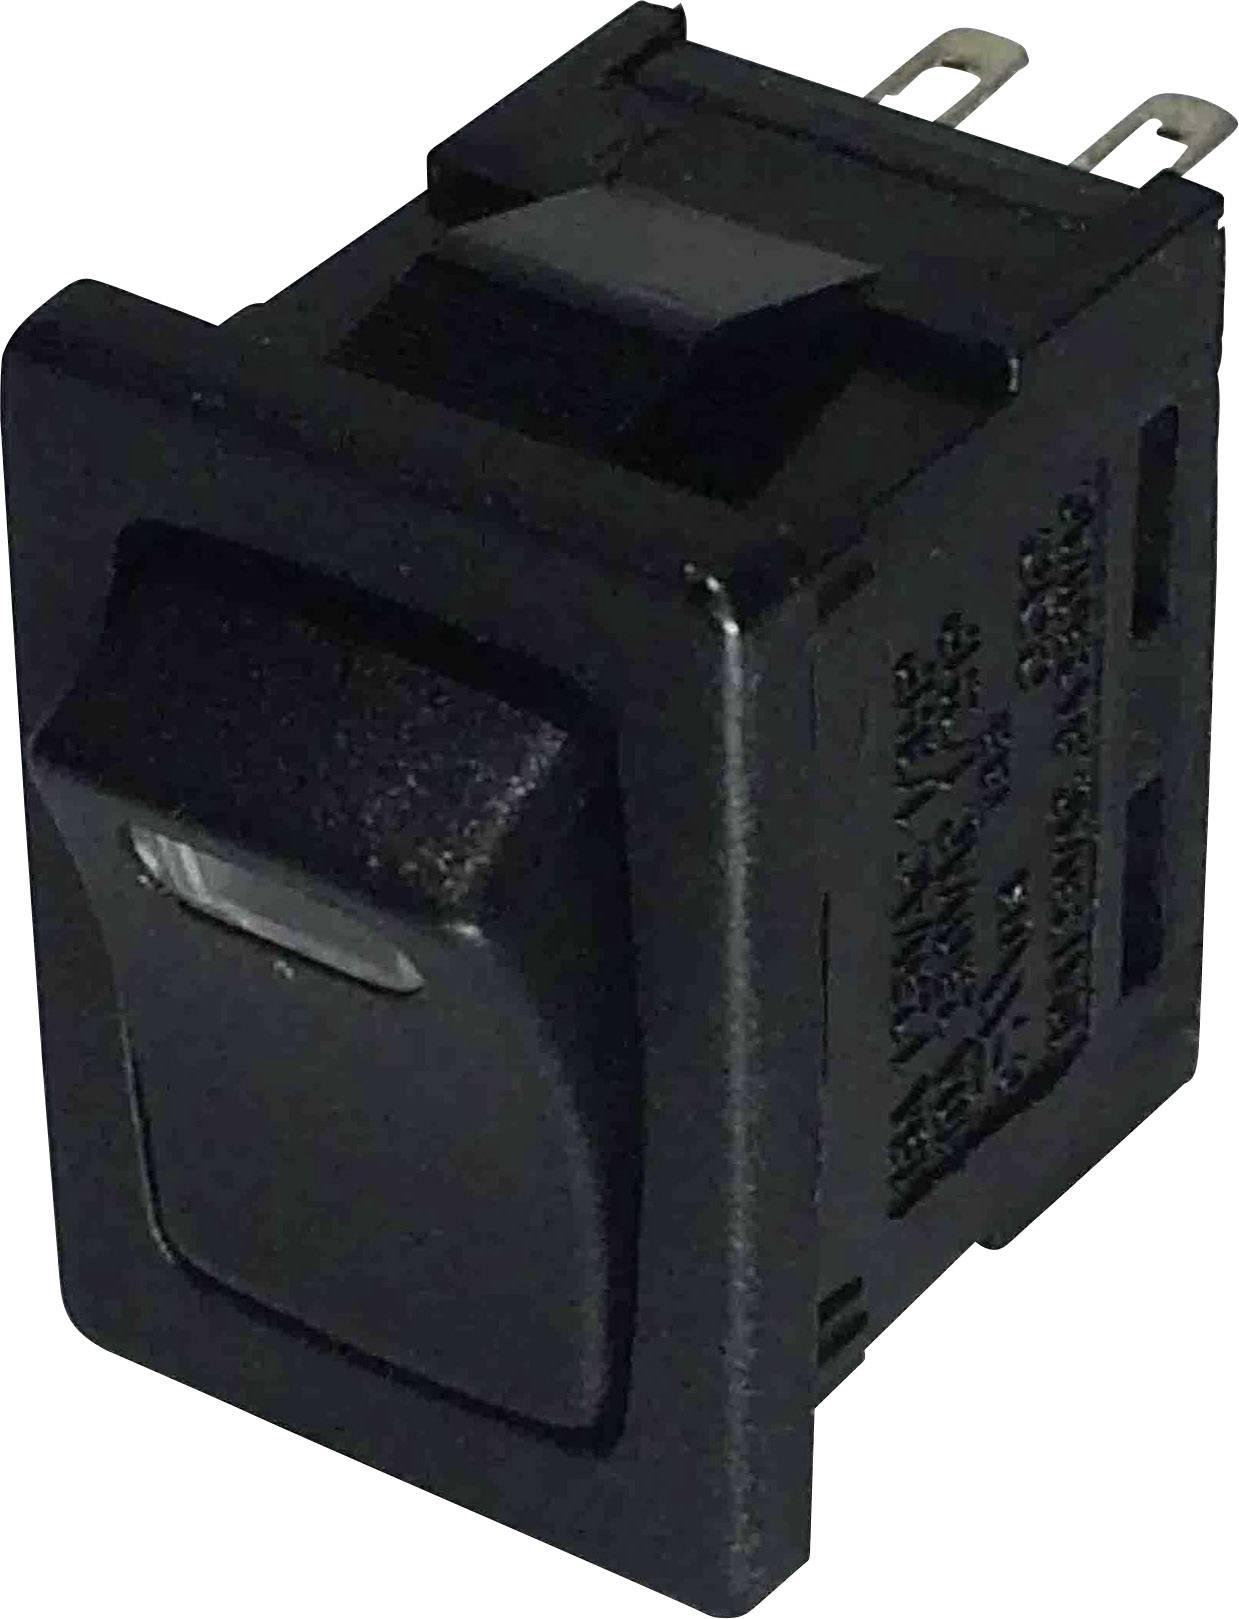 Kolébkový spínač SCI R13-66L-02 LED 12V/DC s aretací 250 V/AC, 6 A, 1x vyp/zap, černá, červená, 1 ks